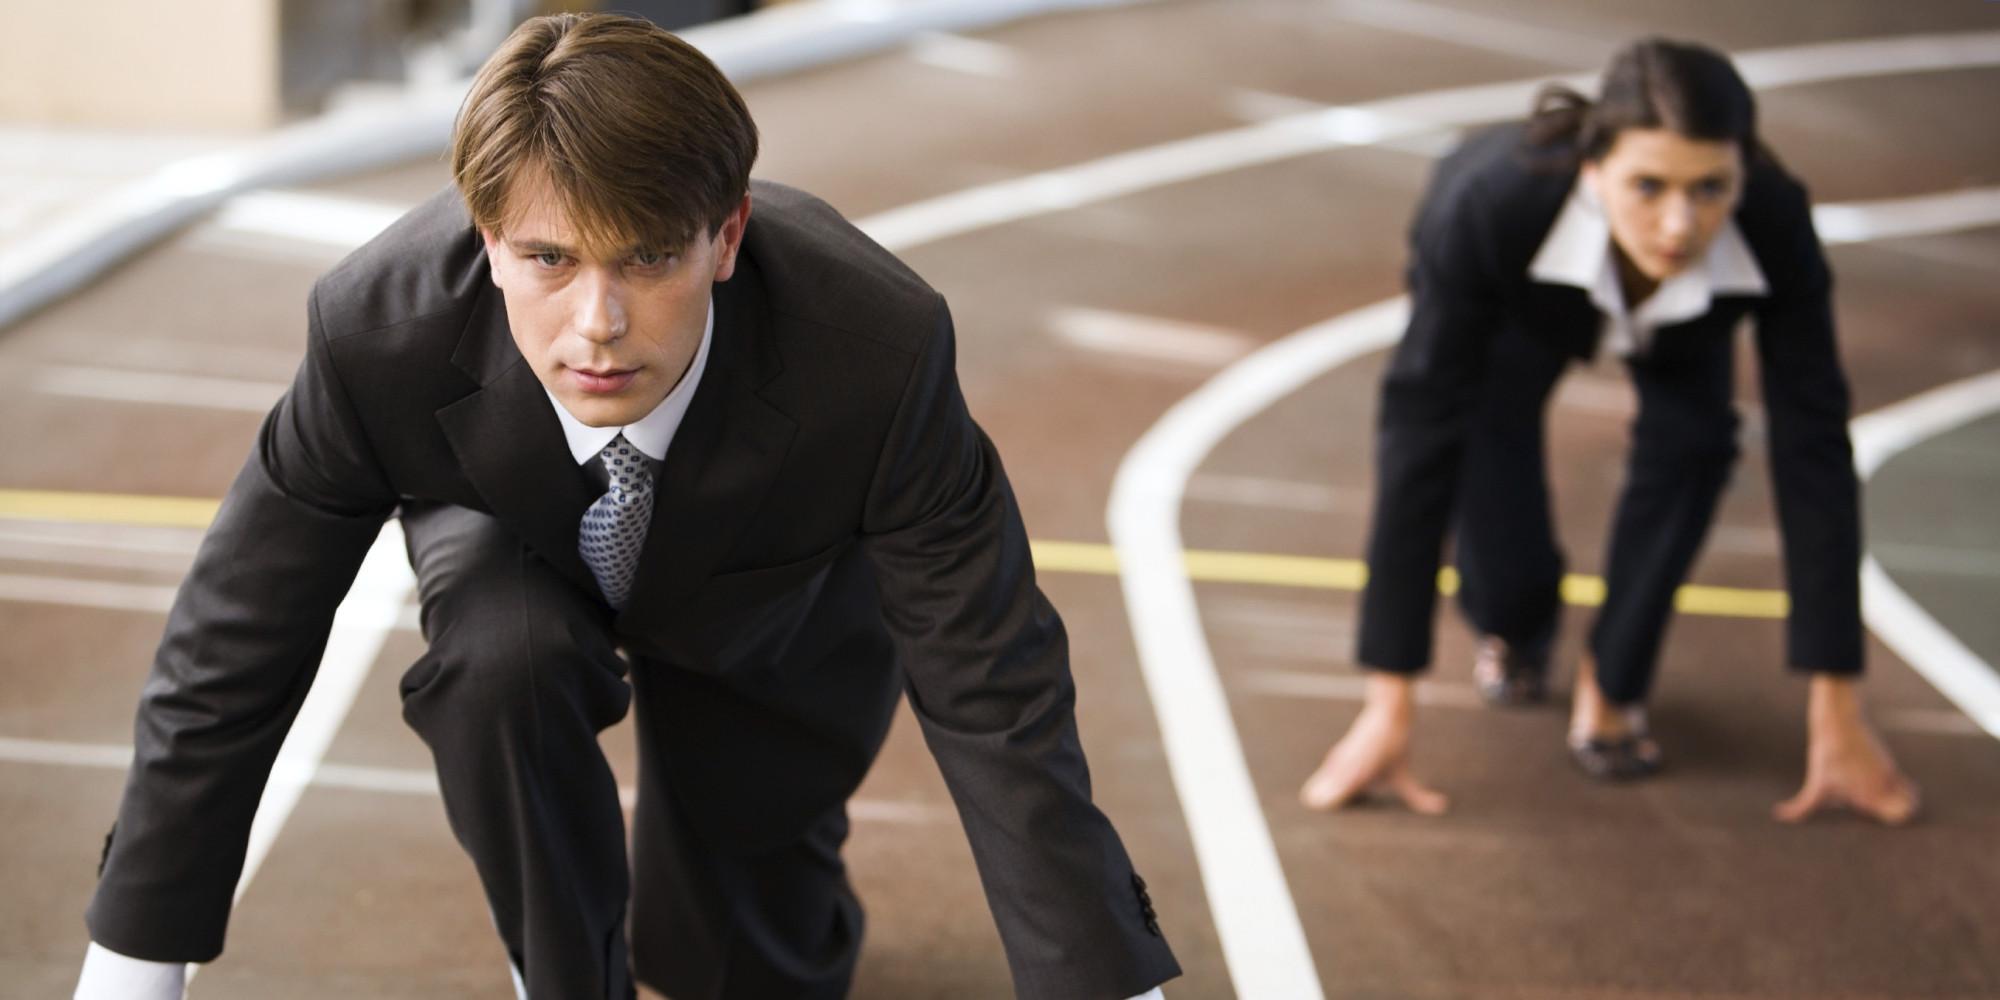 Mulheres receberam 74,5% do salário dos homens em 2014, aponta IBGE